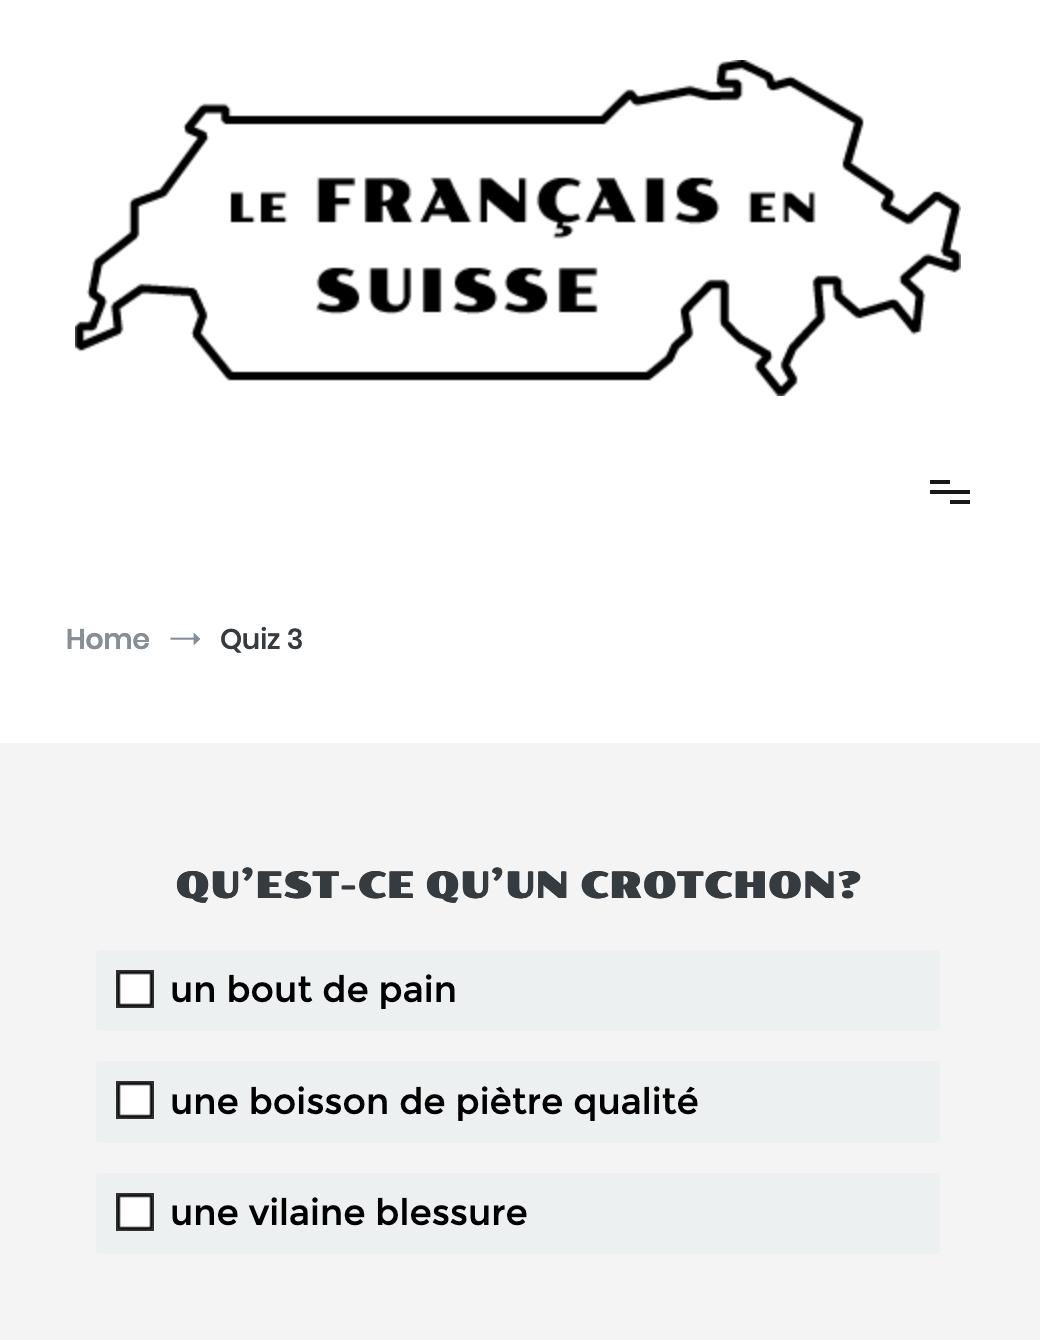 Preview image for LOM object Quiz: Französisch in der Schweiz